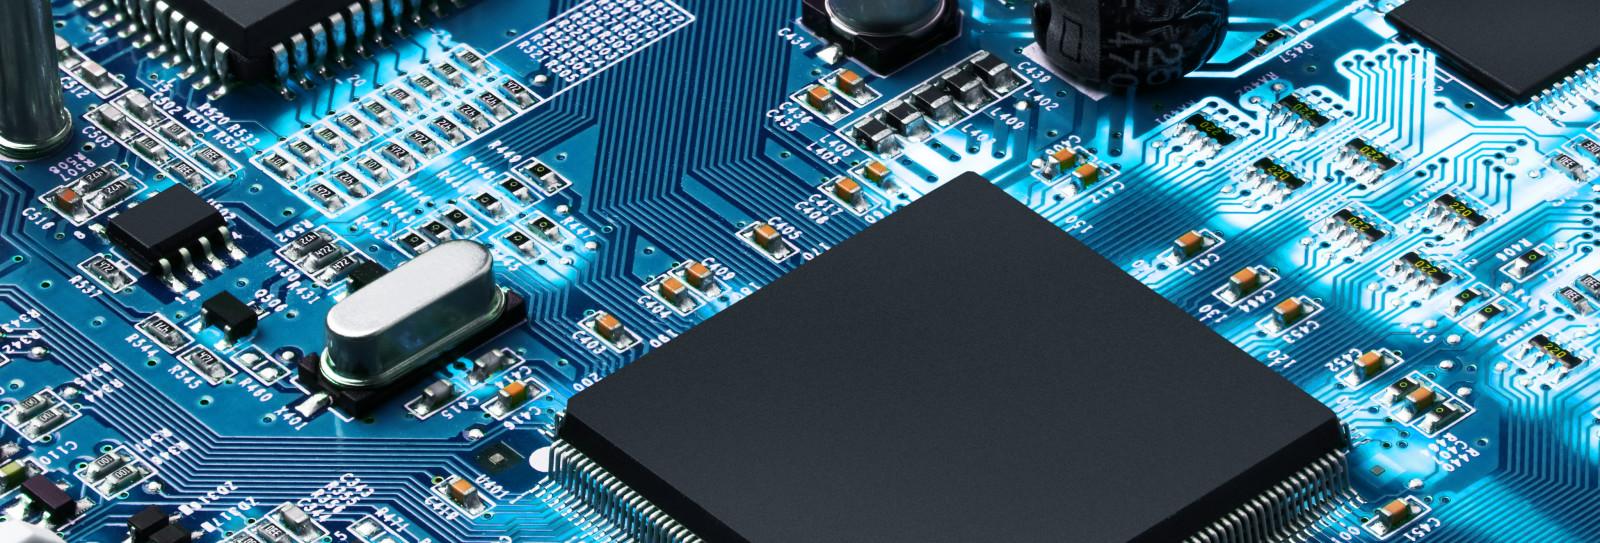 Circuitos integrados,Transistores, Diodos